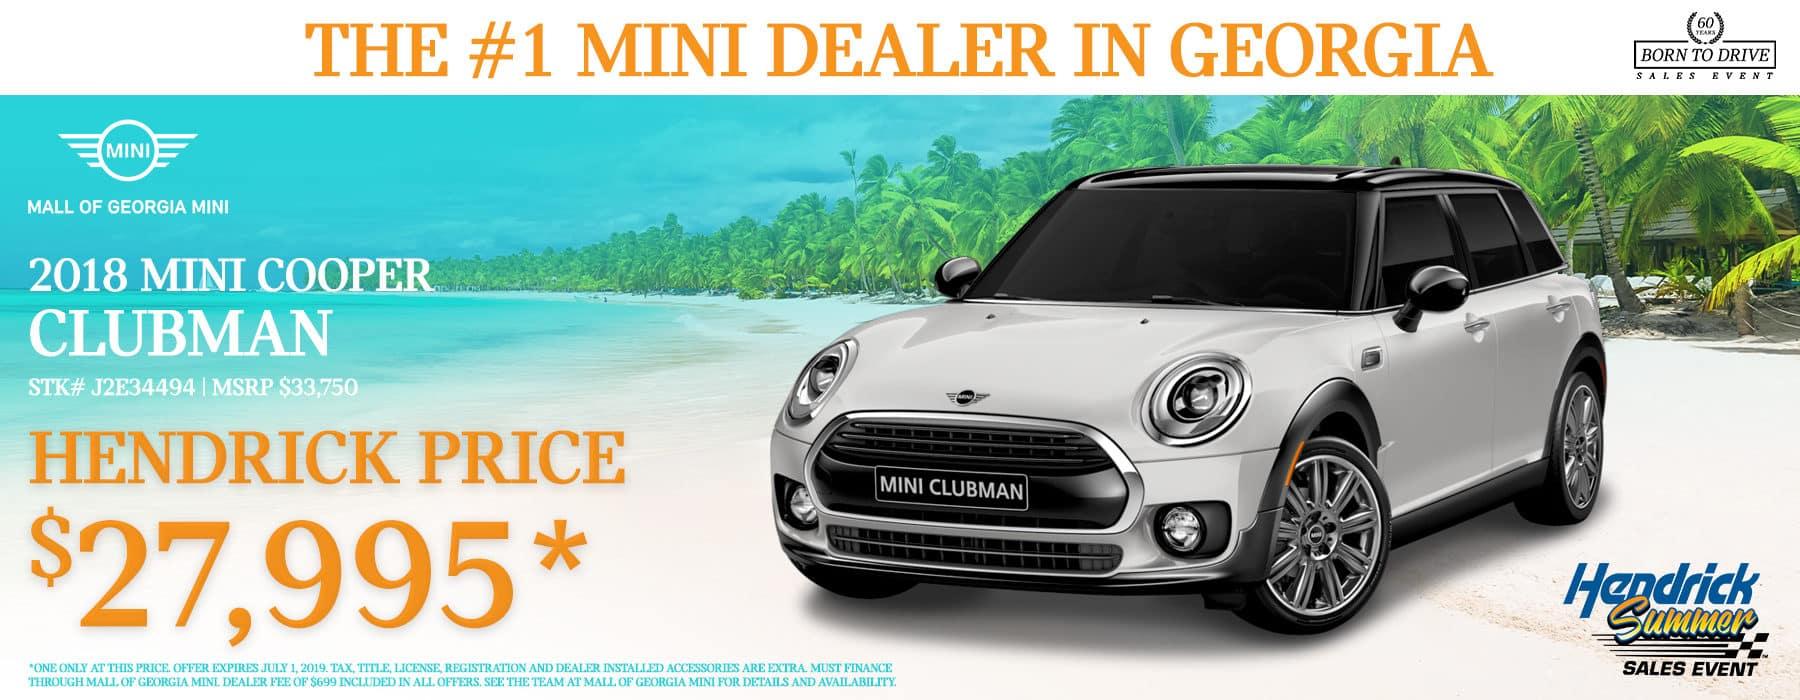 Mall Of Georgia Mini Mini Dealer In Buford Ga